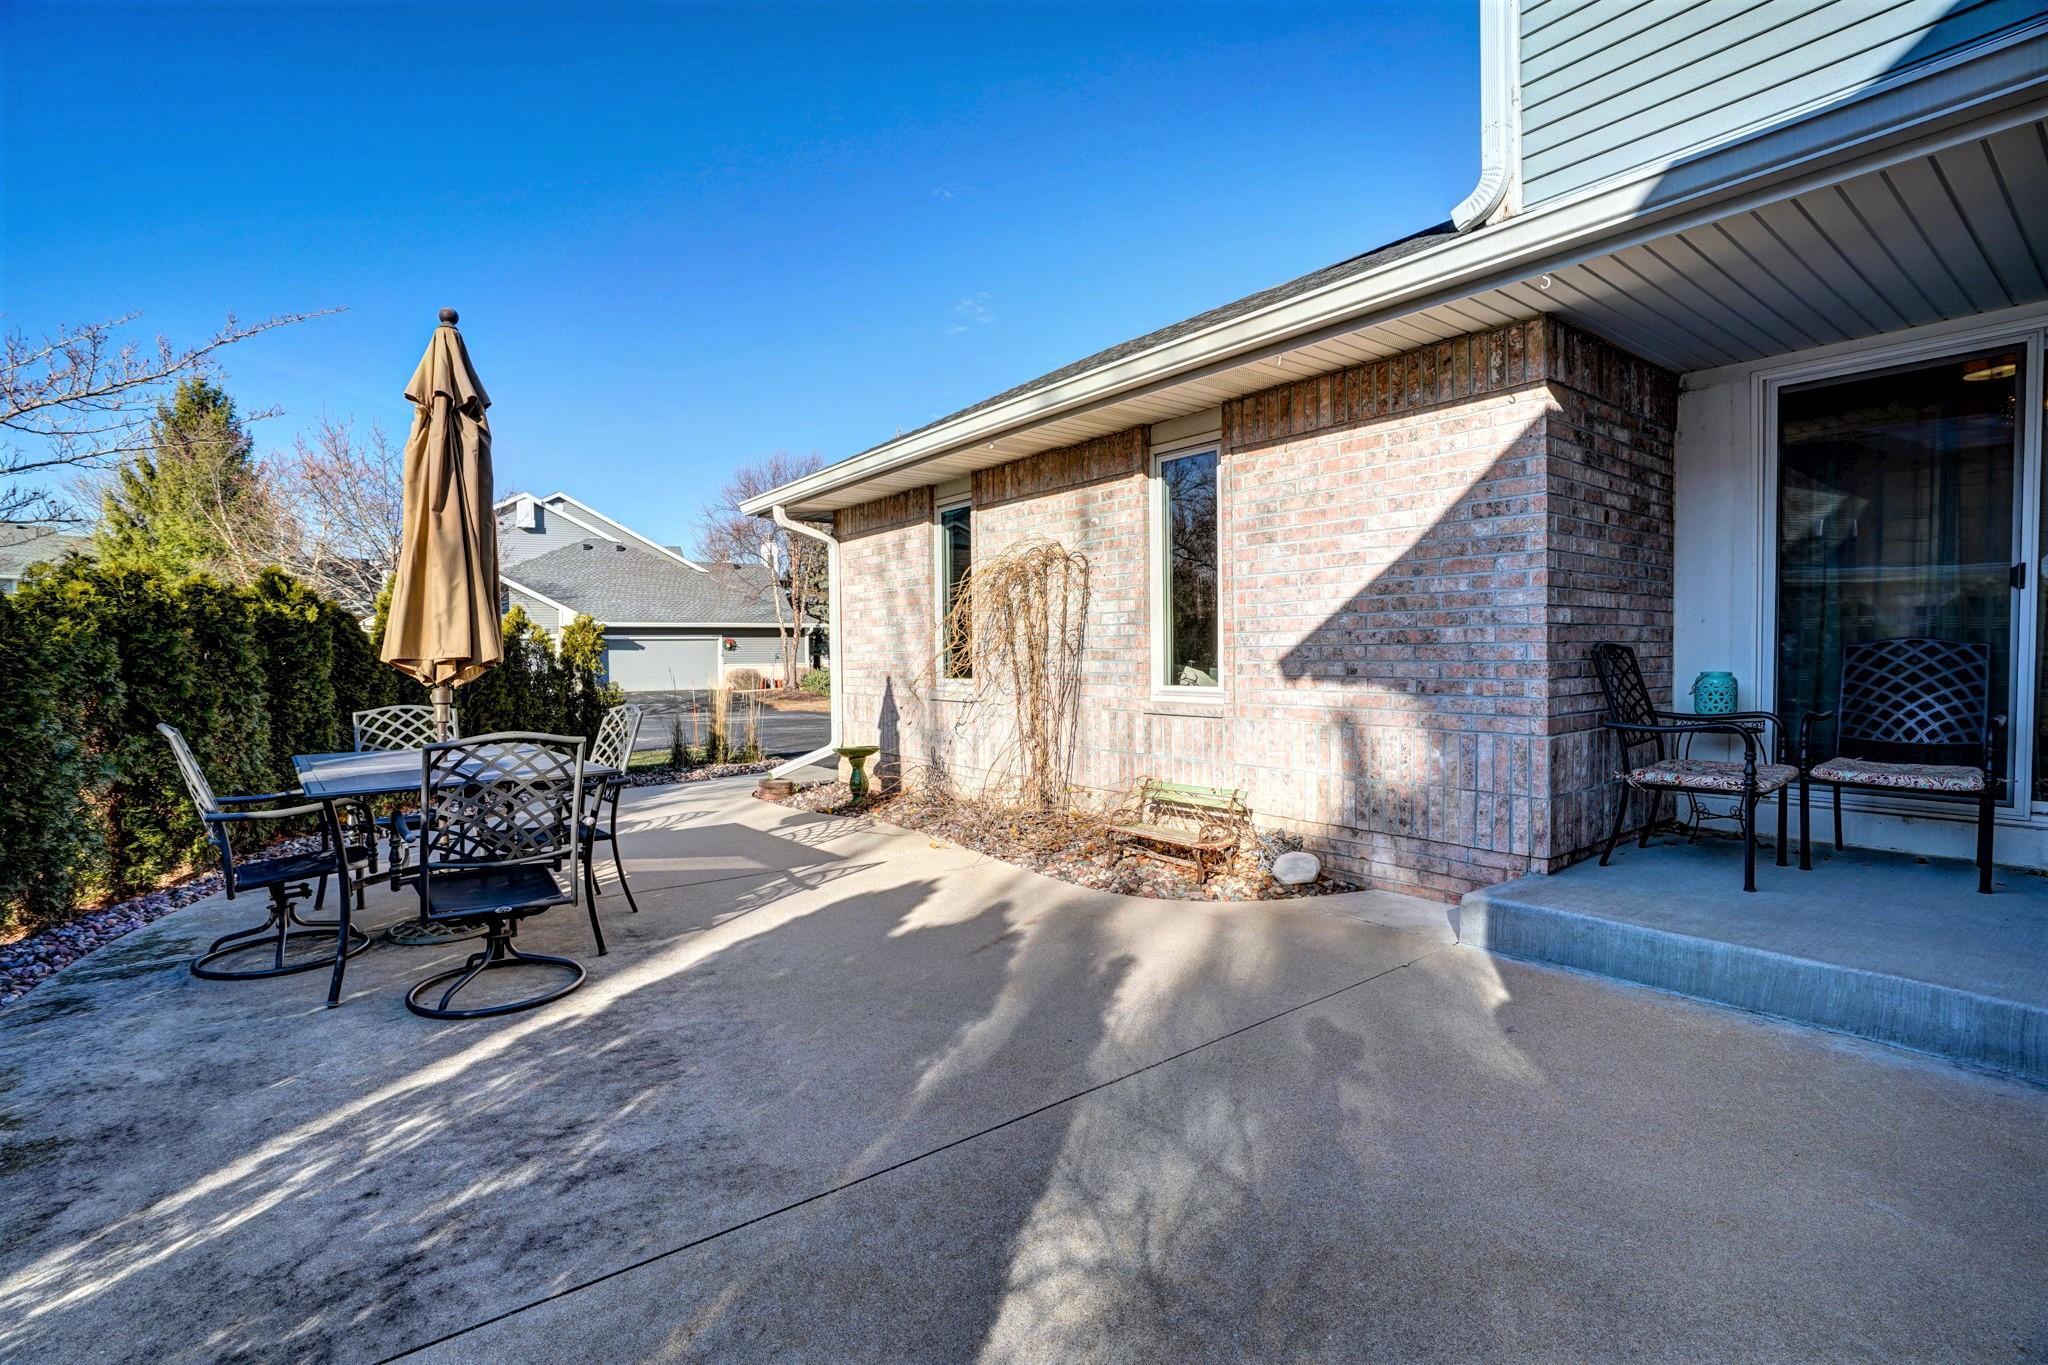 14171 Waters Way, New Berlin, Wisconsin 53151, 2 Bedrooms Bedrooms, ,1 BathroomBathrooms,Condominium,For Sale,Waters Way,1722313